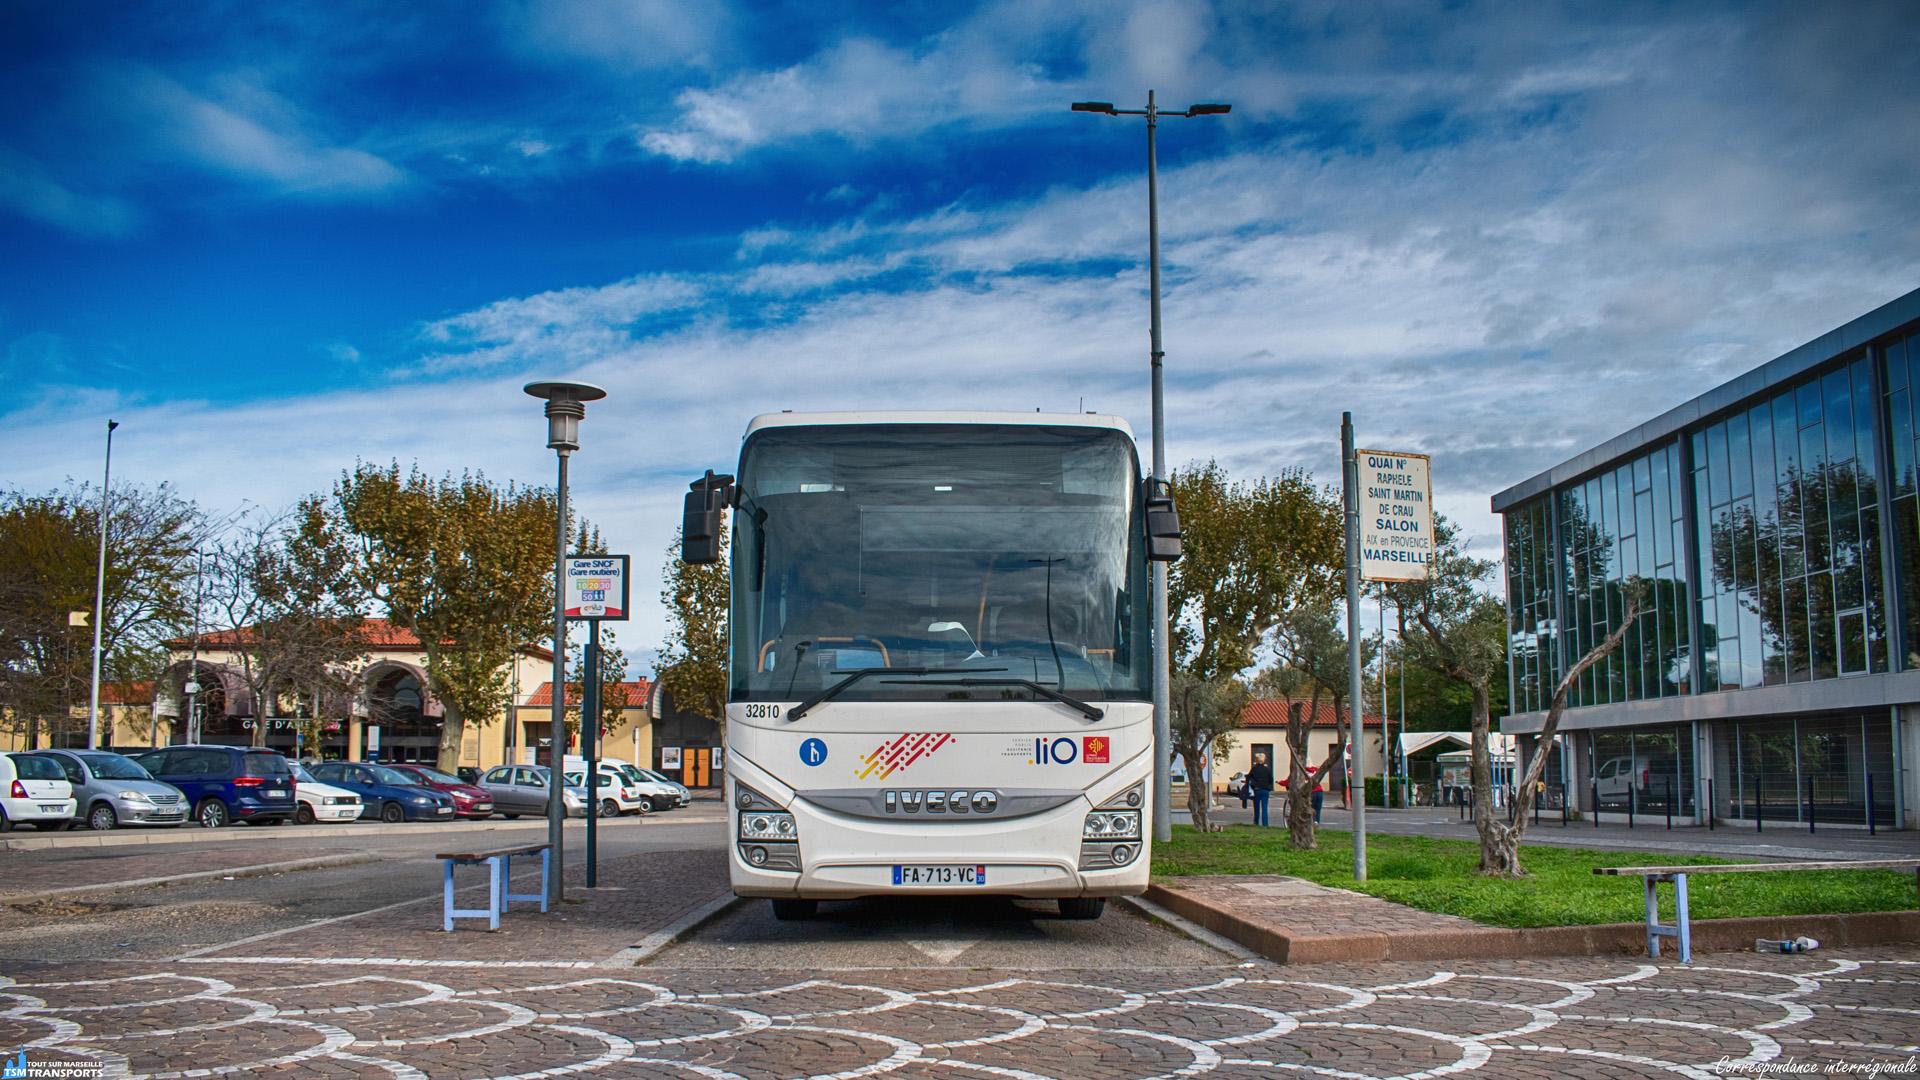 Vous le savez depuis plus d'un an, suite au transfert aux régions et métropoles de la compétence en matière d'organisation du transport public, les lignes interurbaines et régionales sont en pleine métamorphose, en voici un exemple à Arles. . L'ex ligne Edgard C30 est désormais remplacée par la nouvelle ligne 130, reliant Arles à Nîmes via Bellegarde, une liaison interrégionale donc pour cette ligne gérée par la région voisine, qui relie la Région Provence Alpes Côte d'Azur à L'Occitanie en 1h. . Ce crossway de Transdev stationne sur un des quais de la petite gare routière d'Arles en attendant sa prochaine mission. . ℹ️ Iveco Crossway Pop n°32810 Transdev Occitanie Pays Nîmois. . 📍 Gare routière d'Arles, Rue Pierre-Louis Rouillard, 13200 Arles. . ↔️ liO 130 : Arles (Gare routière) - Nimes (Gare routière). . 📖 liO : Lignes Intermodales d'Occitanie. . 📸 Nikon D5600. . 📷 Nikkor 18-55mm. . 📅 11 Novembre 2019 à 15:00.